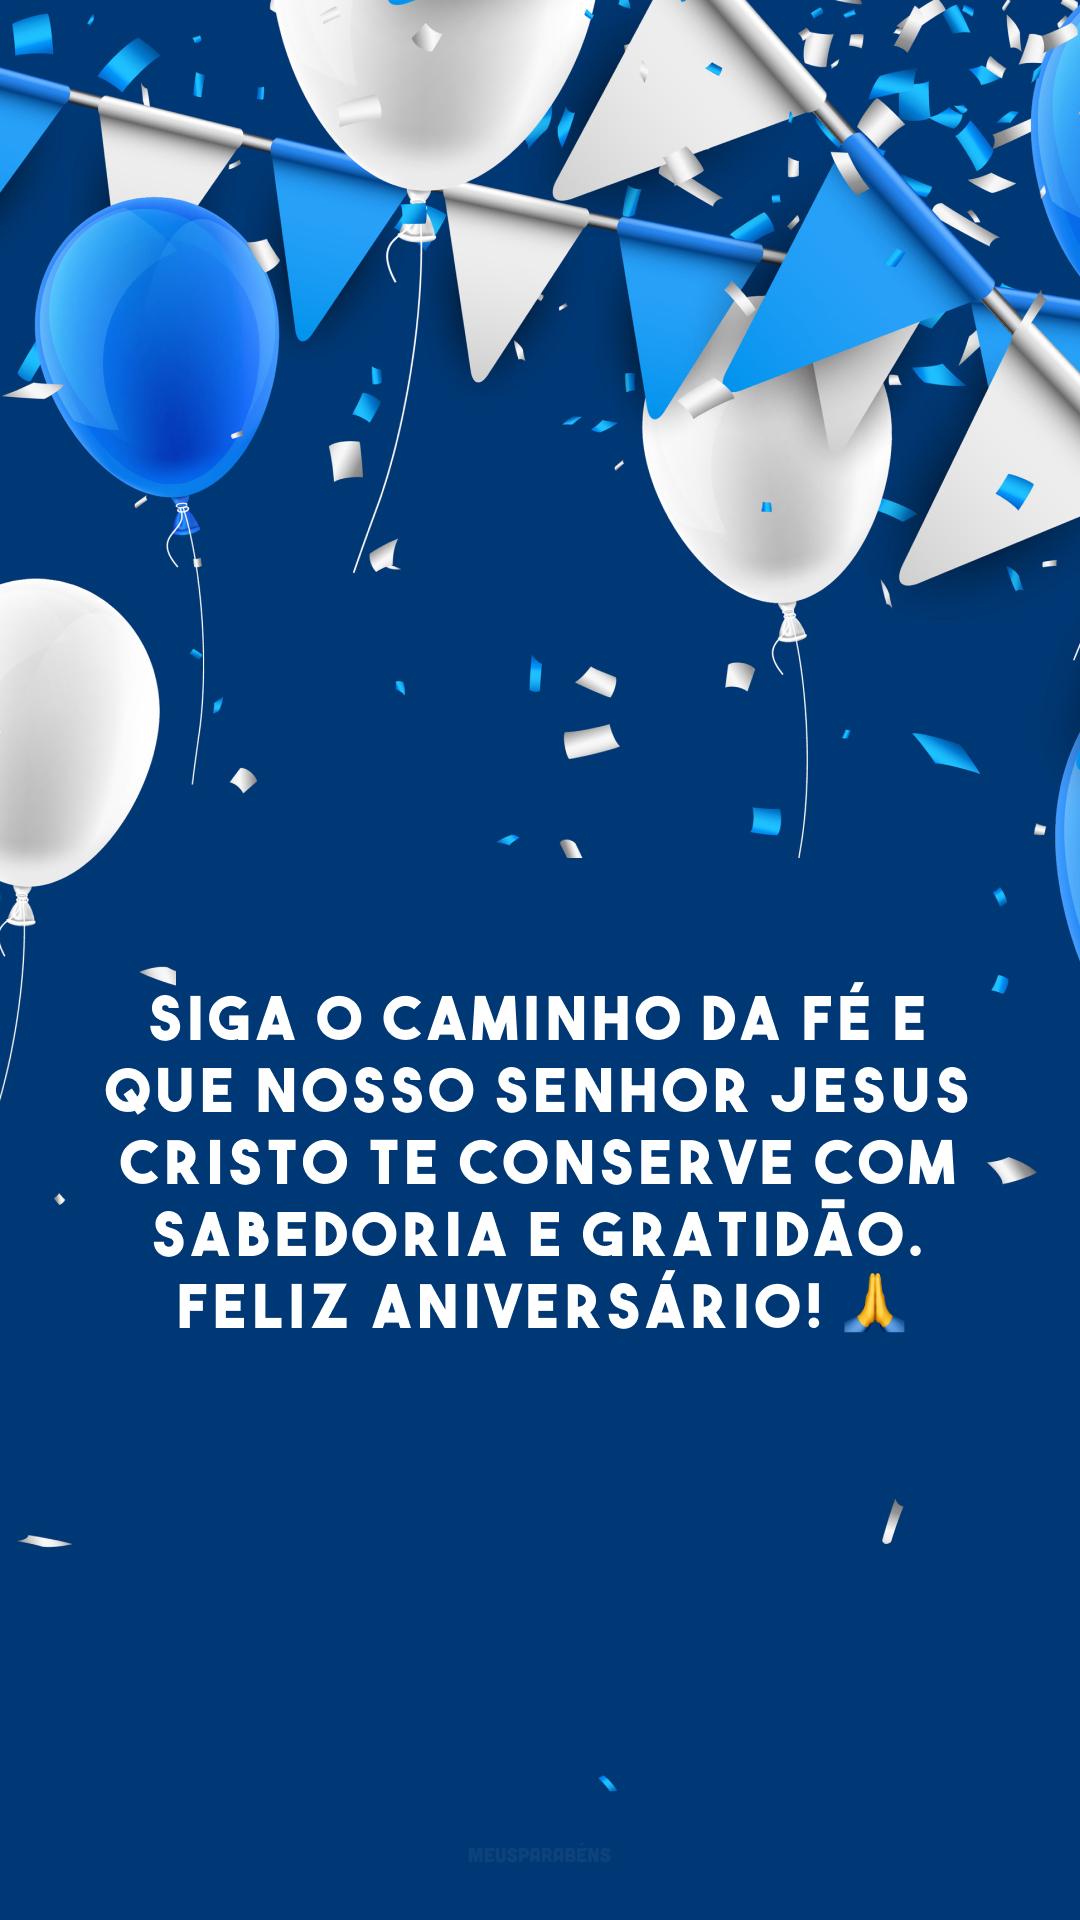 Siga o caminho da fé e que nosso Senhor Jesus Cristo te conserve com sabedoria e gratidão. Feliz aniversário! 🙏